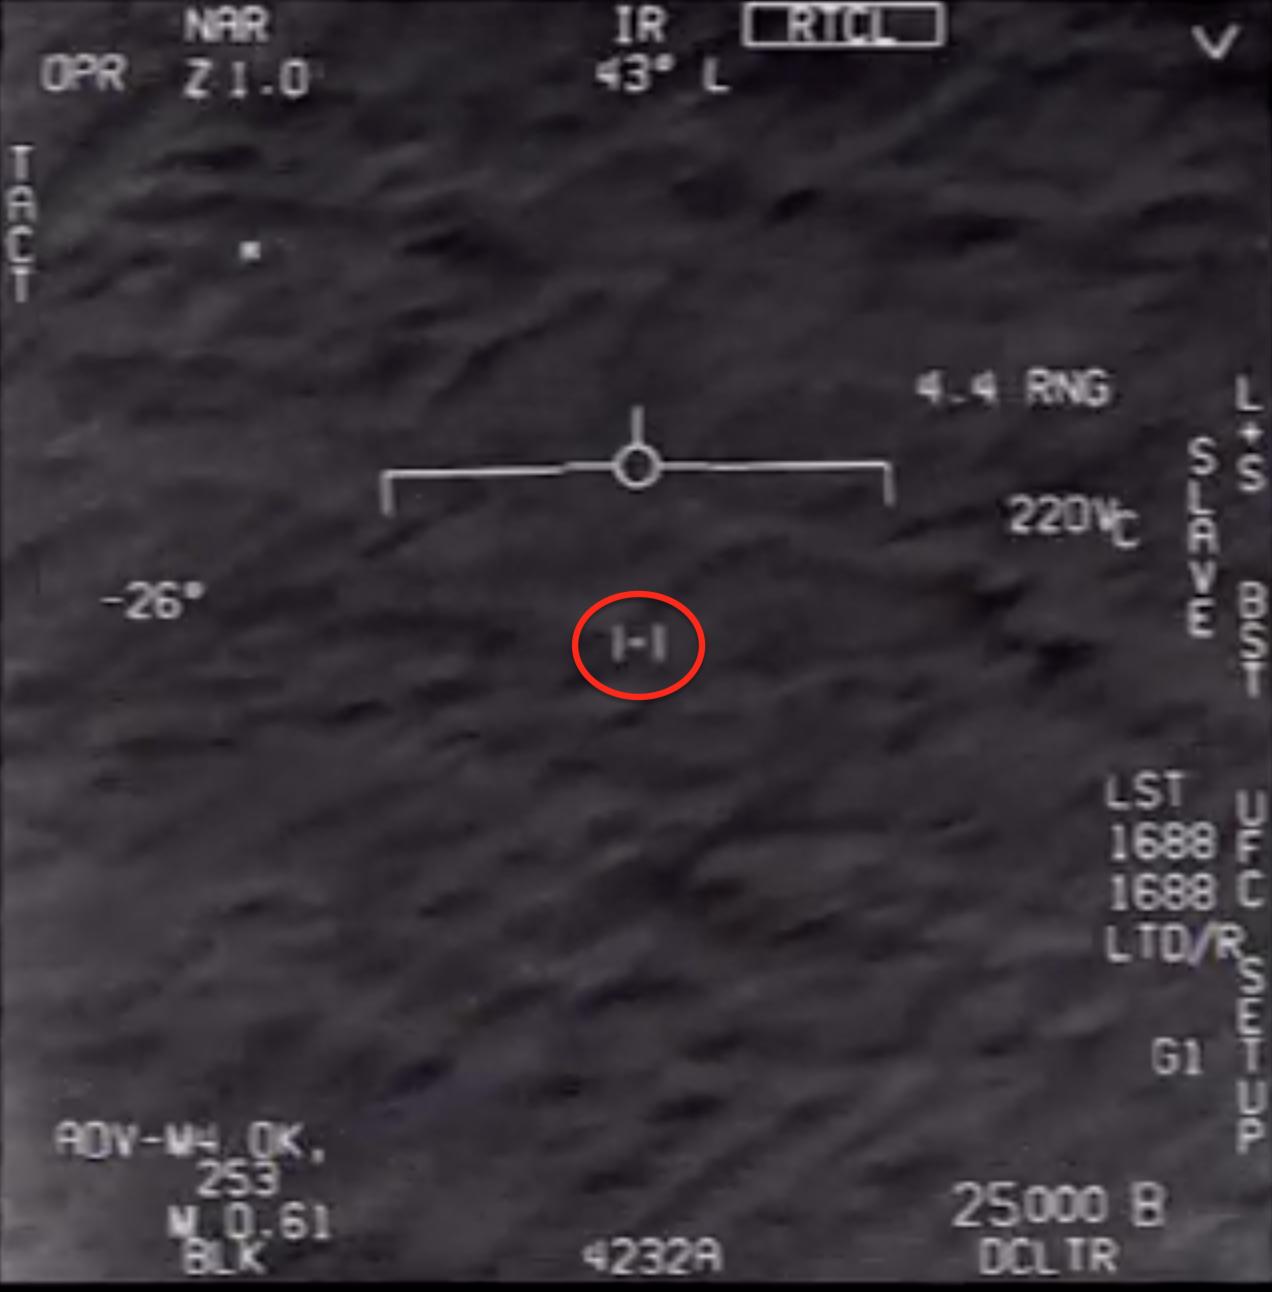 Imagen de un OVNI tomada por un avión F/A-18 de la Armada norteamericana en 2015. El OVNI puede observarse dentro del círculo rojo.  Parzival191919.